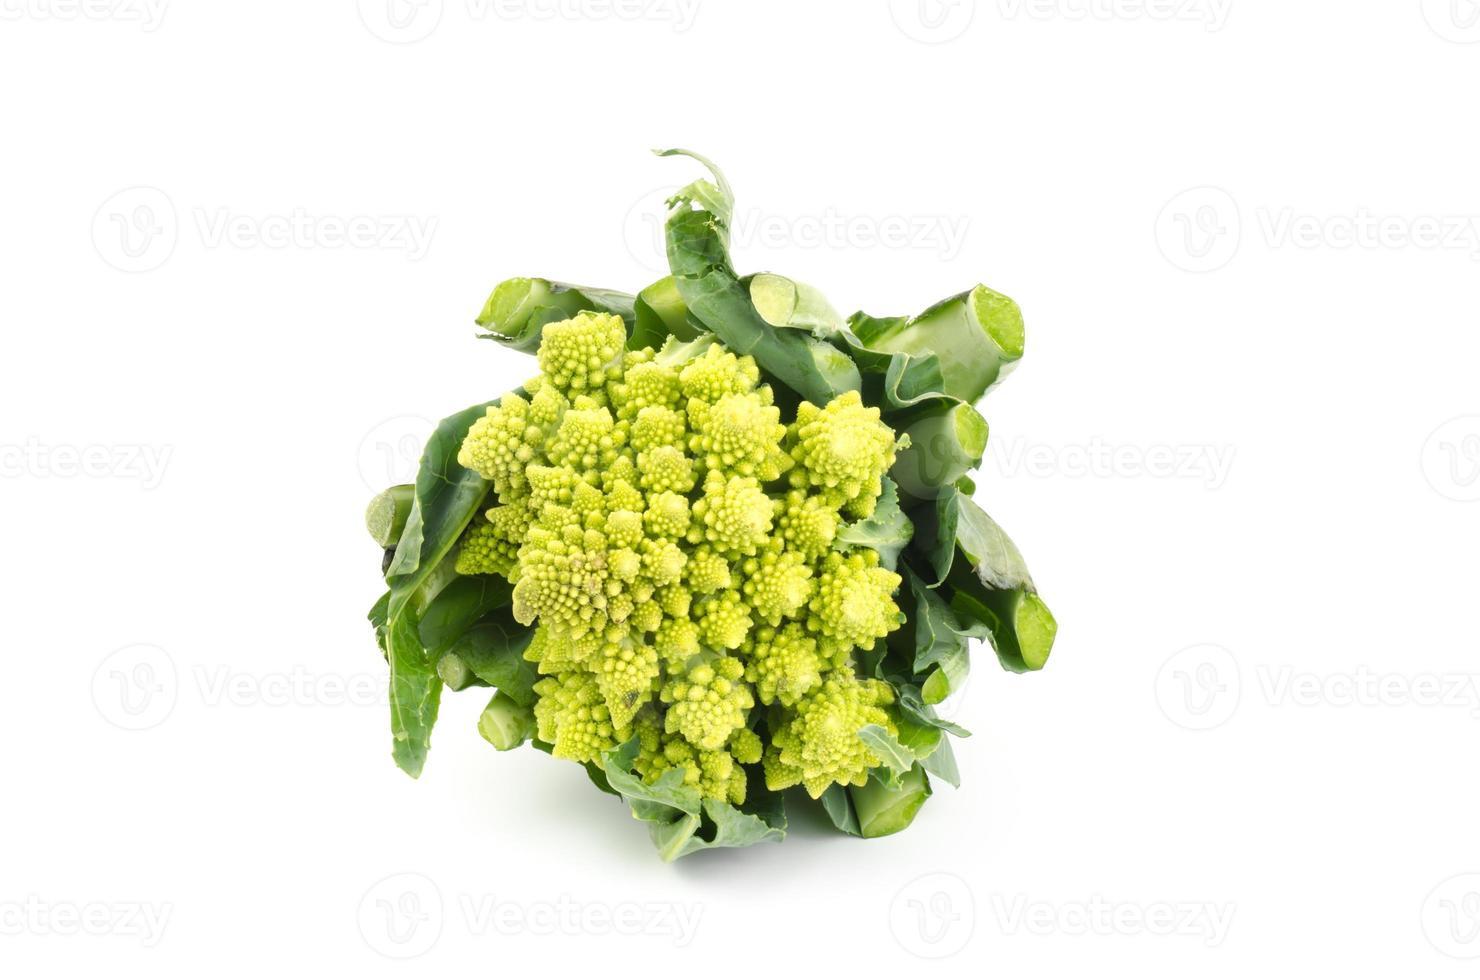 chou-fleur romanesco photo